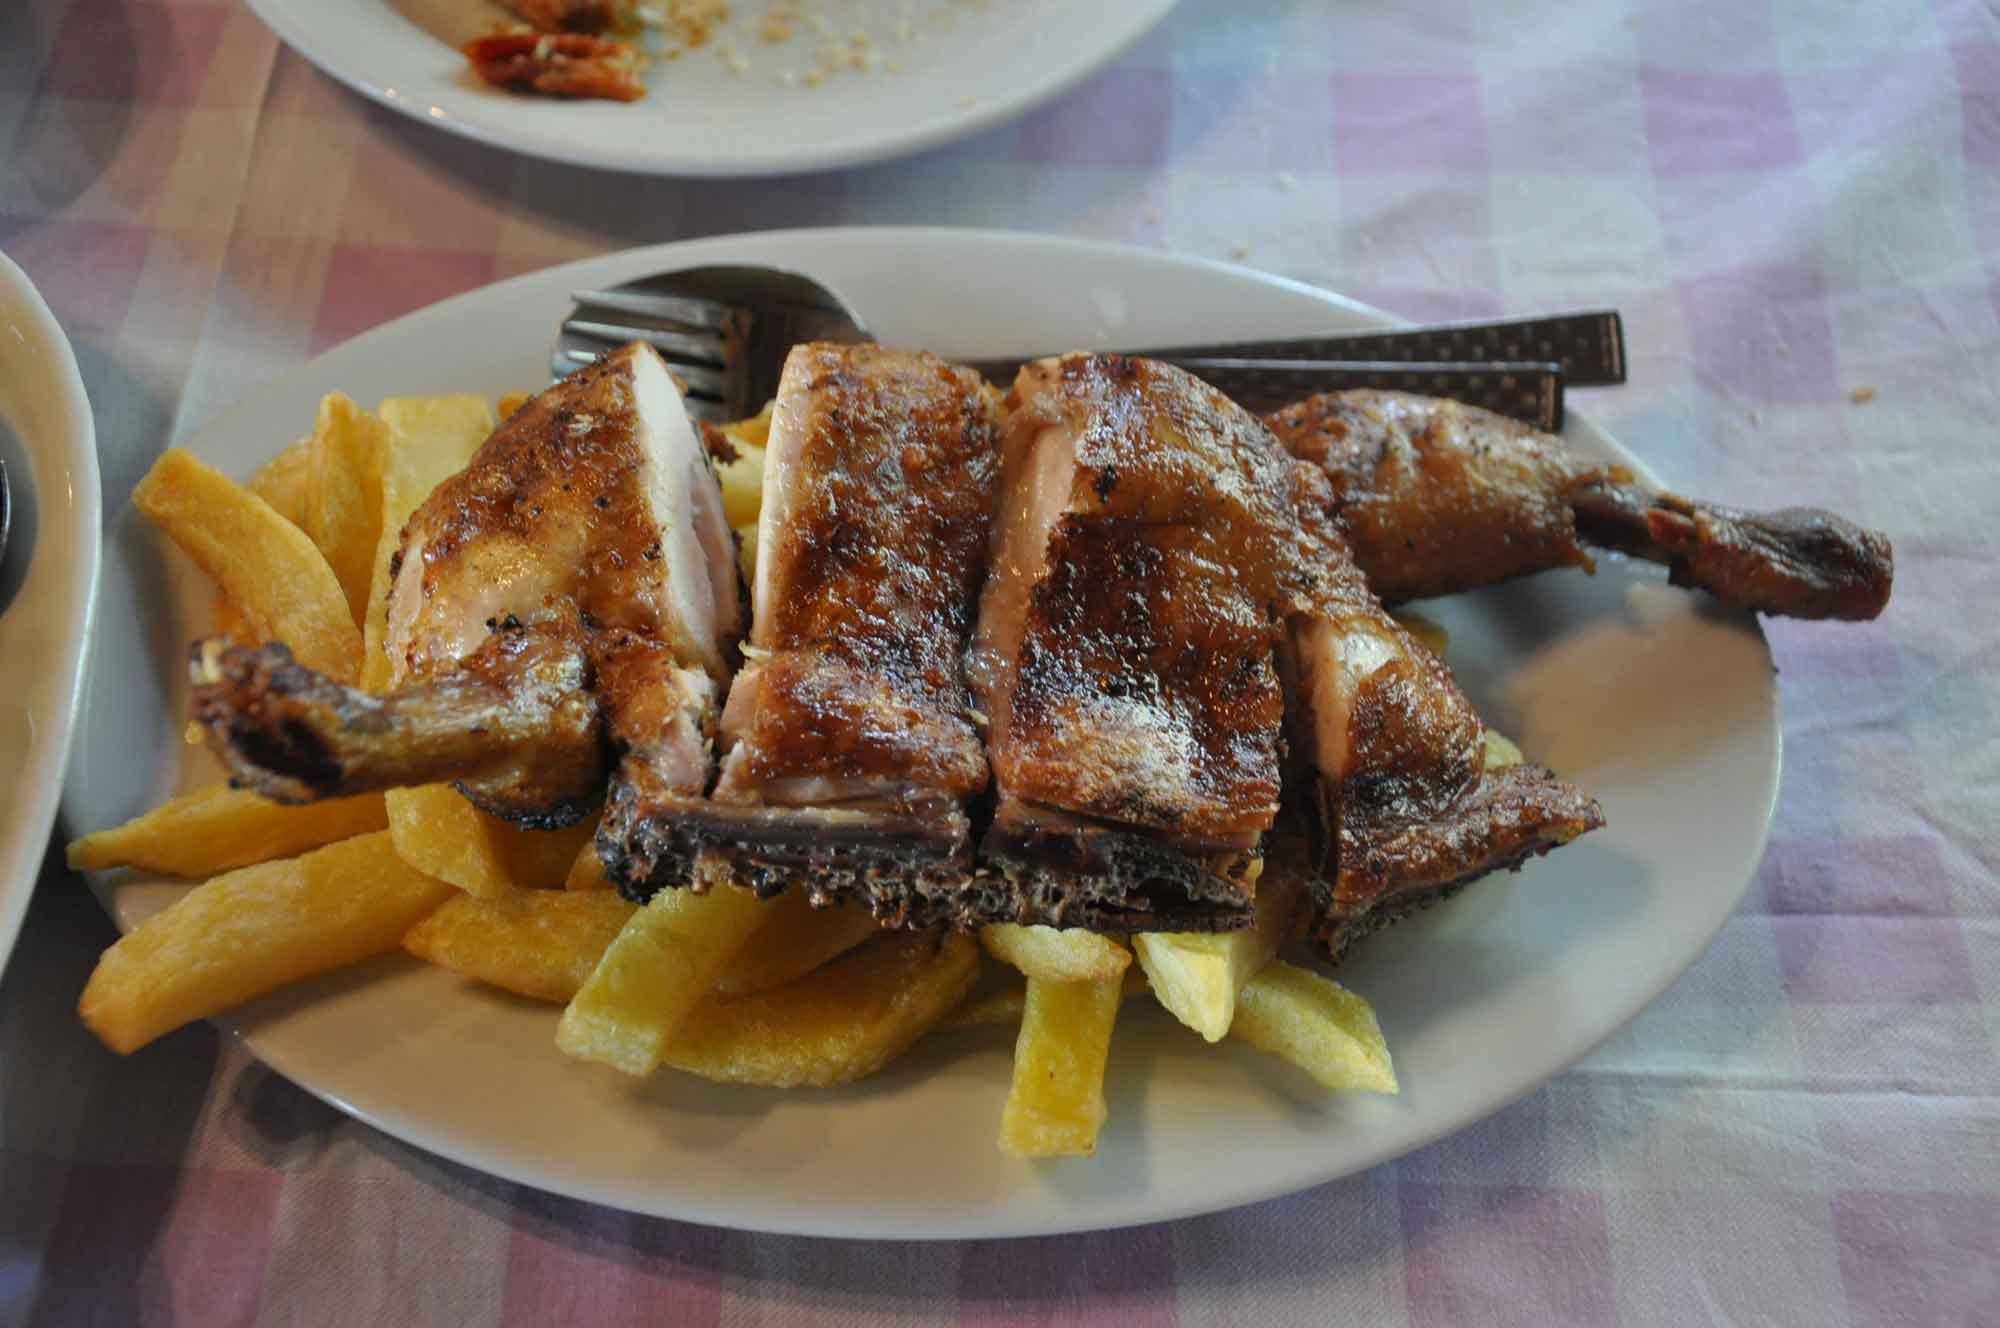 Fernando Macau roasted chicken